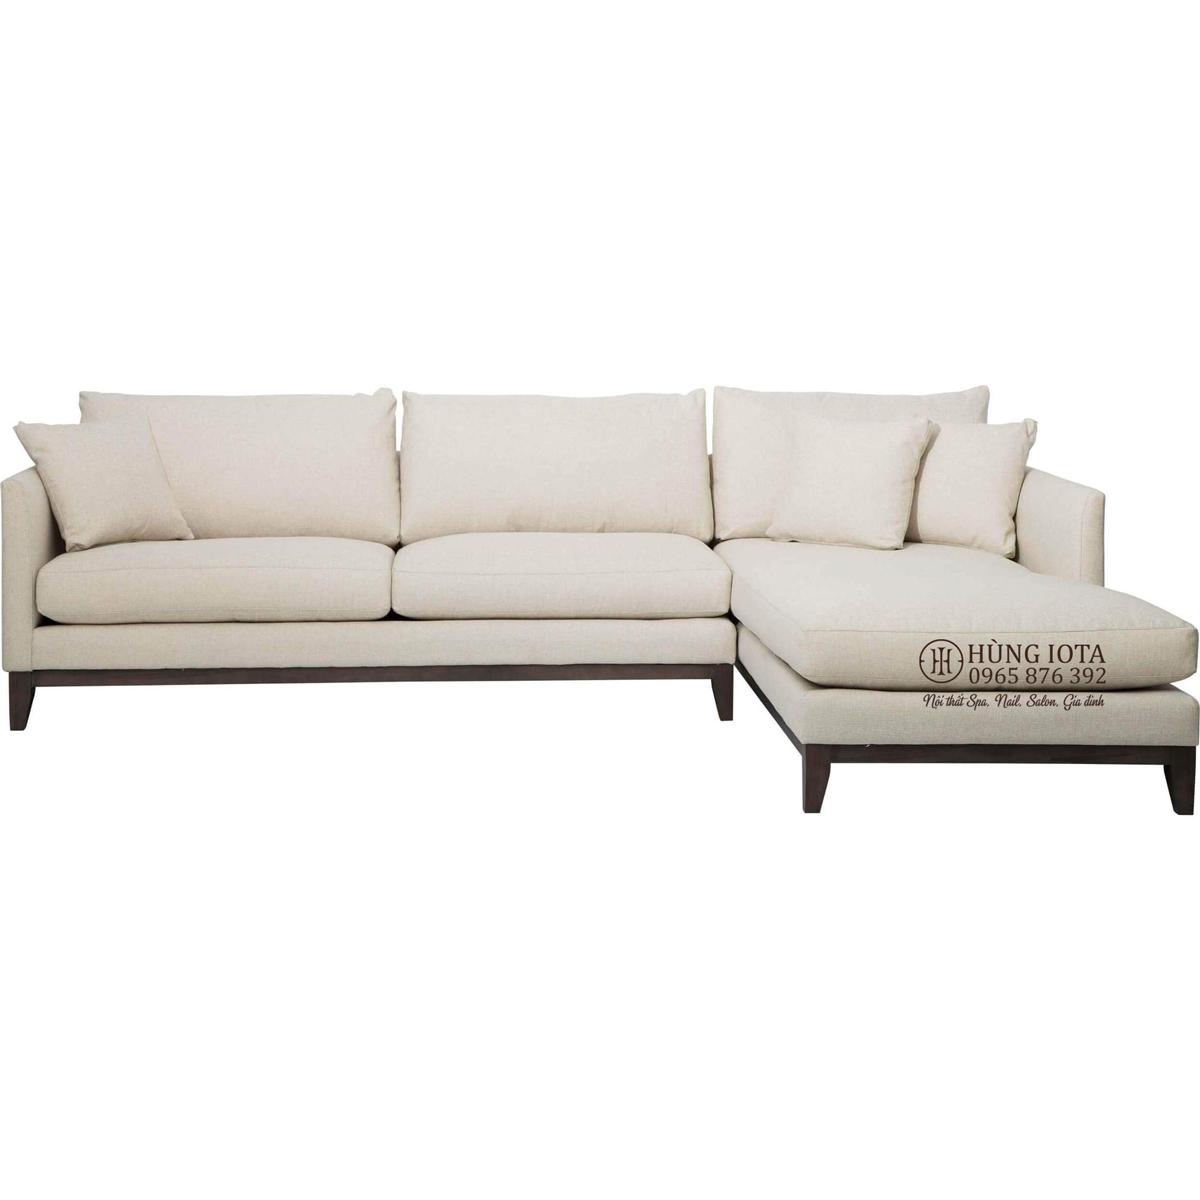 Ghế sofa cho chung cư kiểu dáng chữ L màu trắng hồng nhạt vải nỉ thô